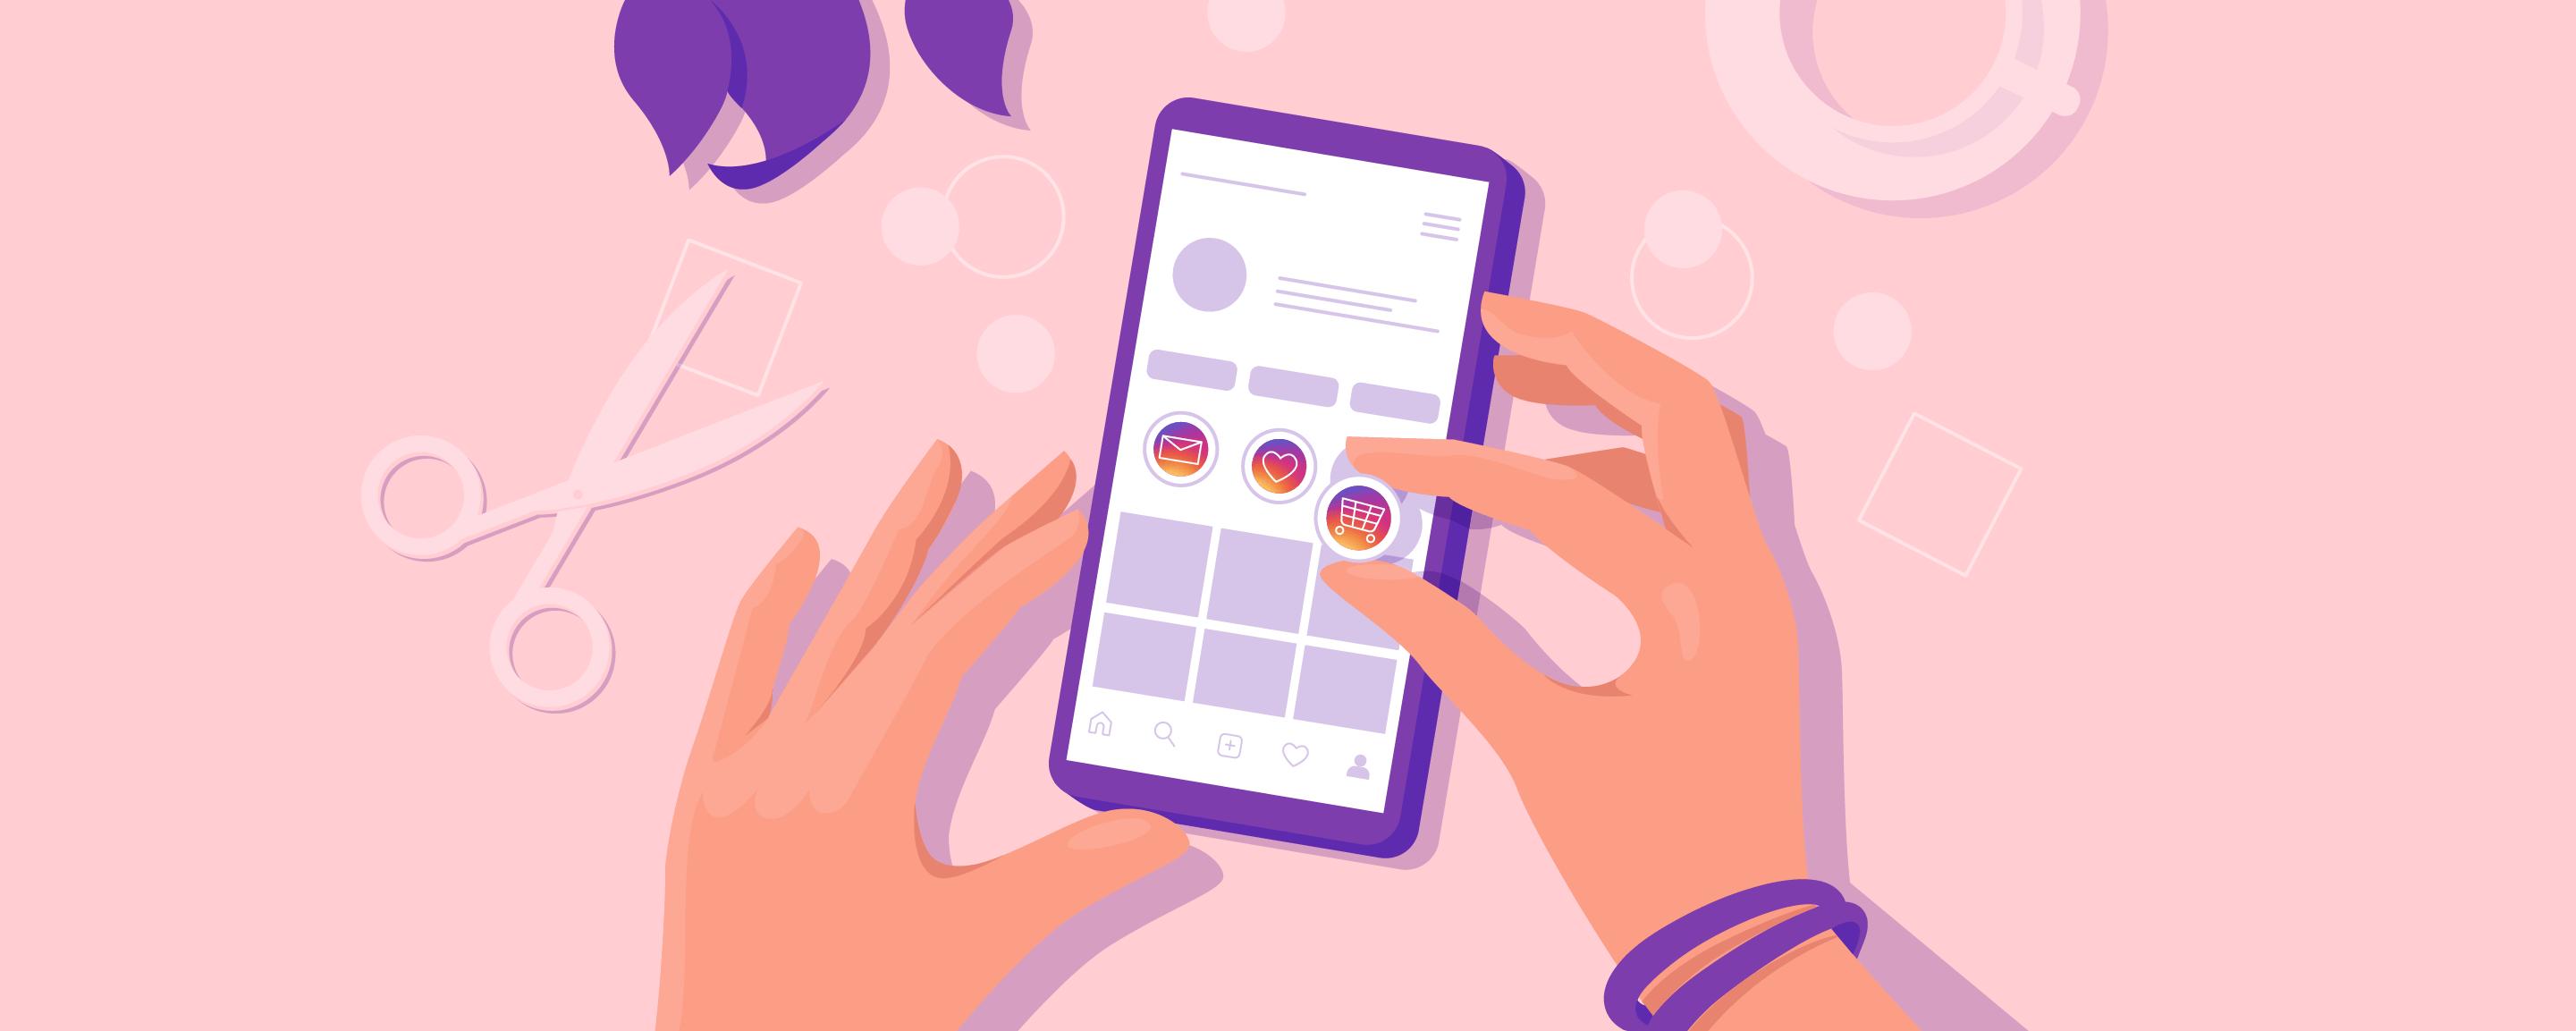 Как создать меню в Инстаграм-аккаунте: настройка блока Актуальное с примерами